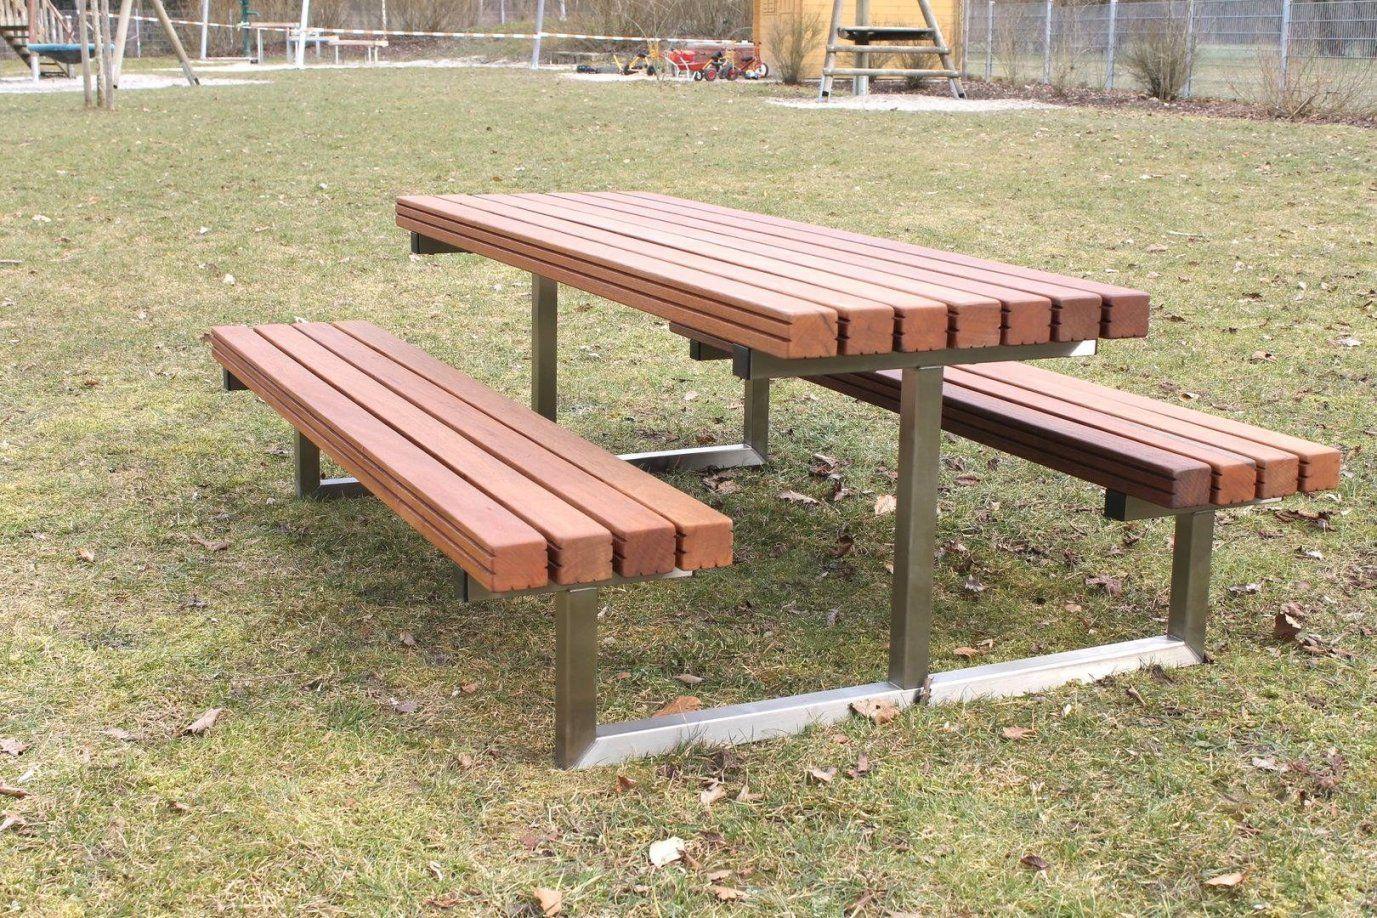 Holzbank Esstisch Cool Luxus 40 Tisch Bank Kombination Selber Bauen von Tisch Bank Kombination Selber Bauen Bild